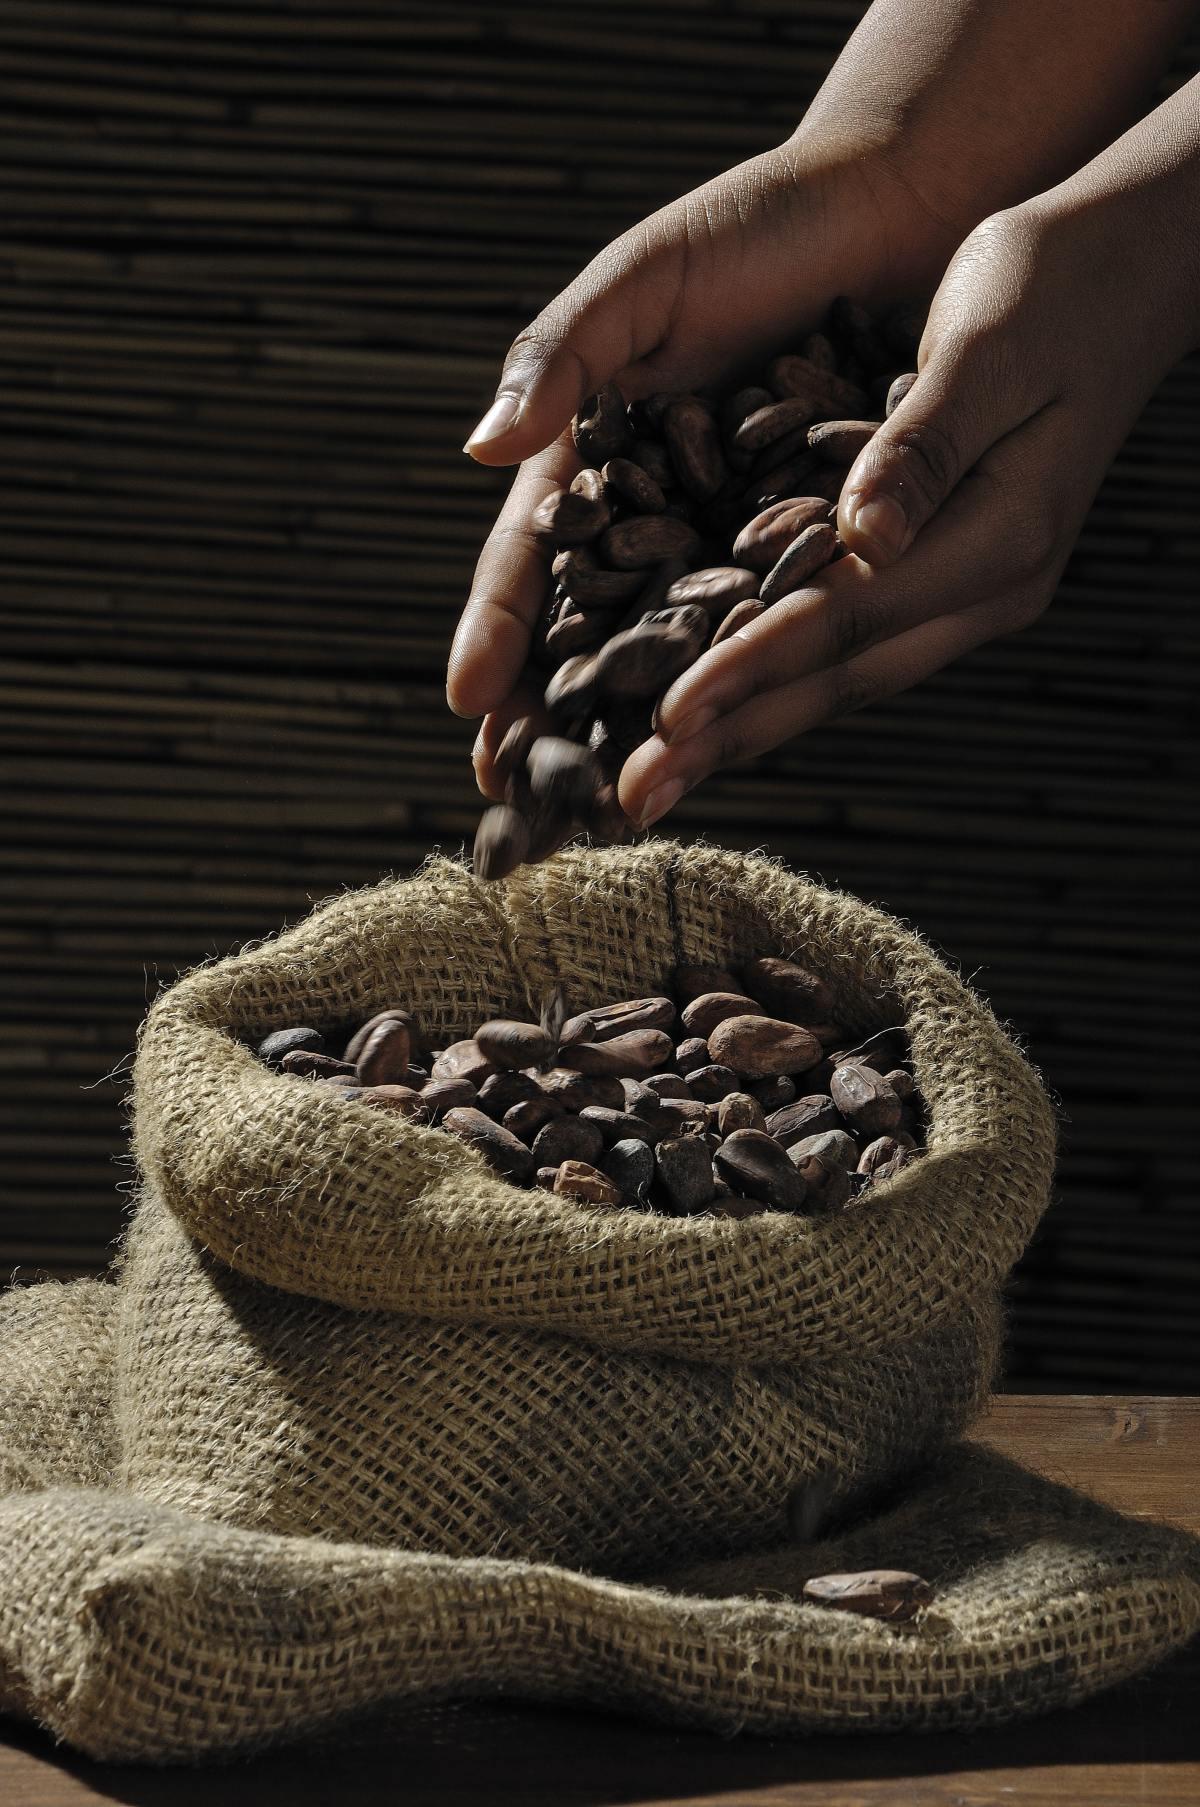 kakaobohnen-wie-erkenne-ich-falschgeld